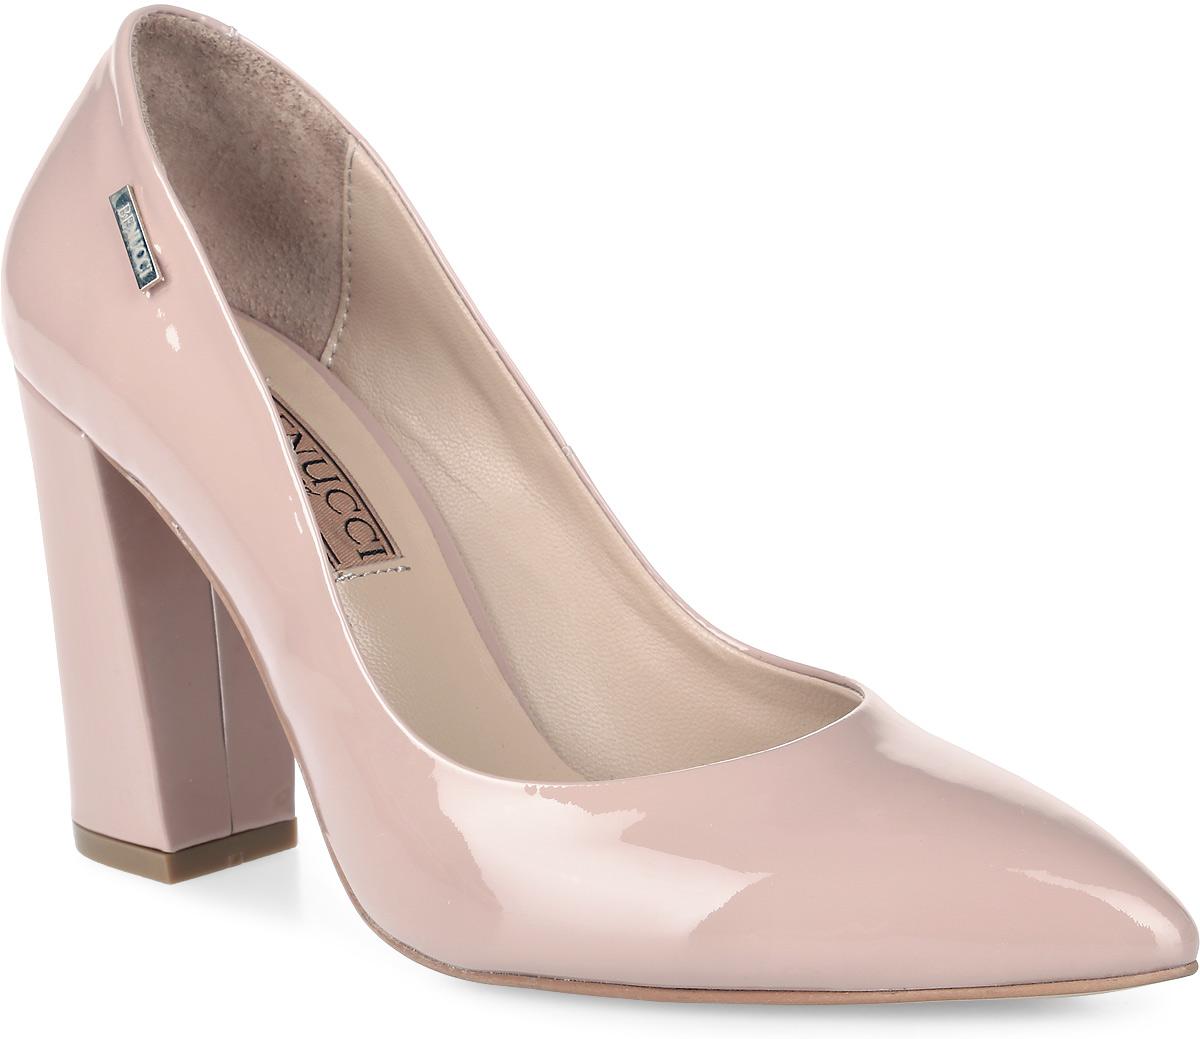 Туфли женские Benucci, цвет: розовый. 5865_лак. Размер 395865_лакИзысканные женские туфли от Benucci поразят вас своим дизайном! Модель выполнена из натурального лака. Подкладка и стелька - из натуральной кожипозволят ногам дышать и обеспечат максимальный комфорт при ходьбе. Зауженный носок добавит женственности в ваш образ. Высокий толстый каблук устойчив. Подошва с резиновой вставкой обеспечивает отличное сцепление с поверхностью. Модные туфли подчеркнут вашу яркую индивидуальность, позволят выделиться среди окружающих.